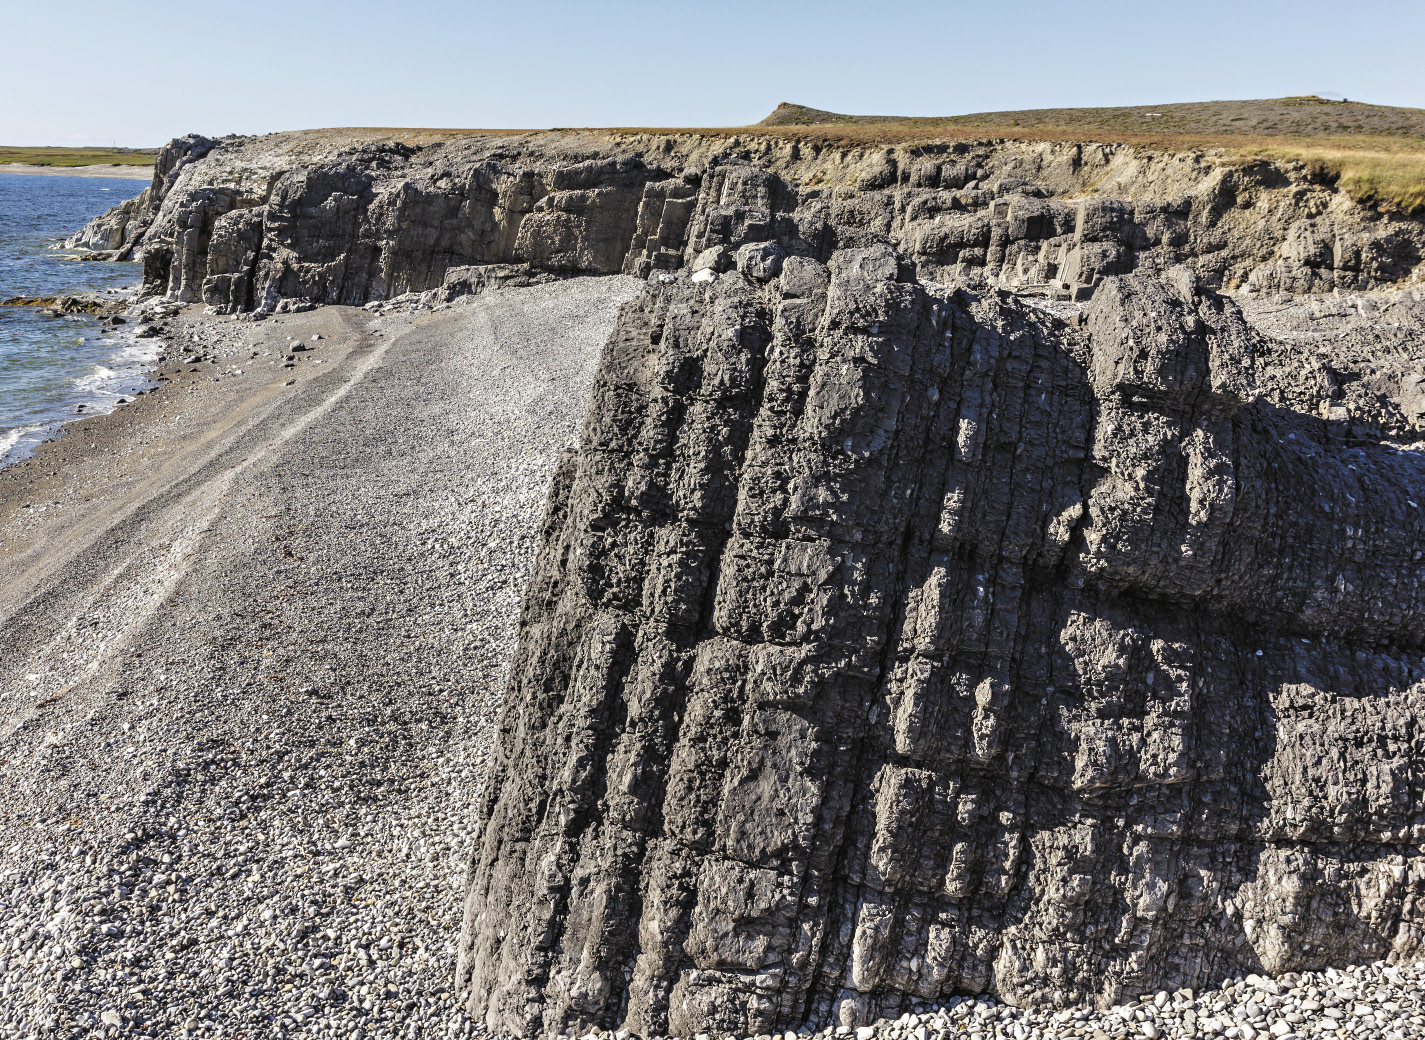 Каменные столбы мыса Гребень напоминают неземной пейзаж.